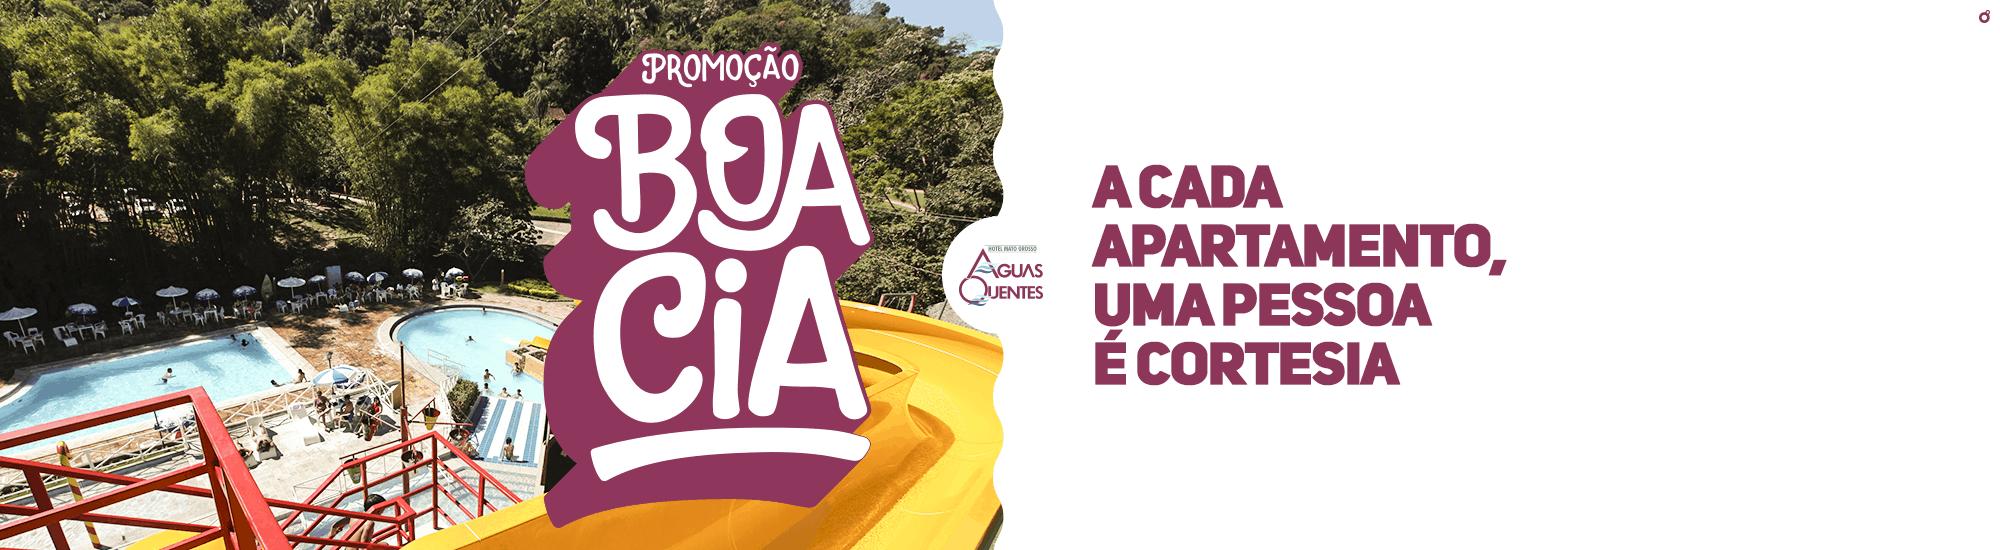 Promoção Boa Cia Hotel Mato Grosso Águas Quentes